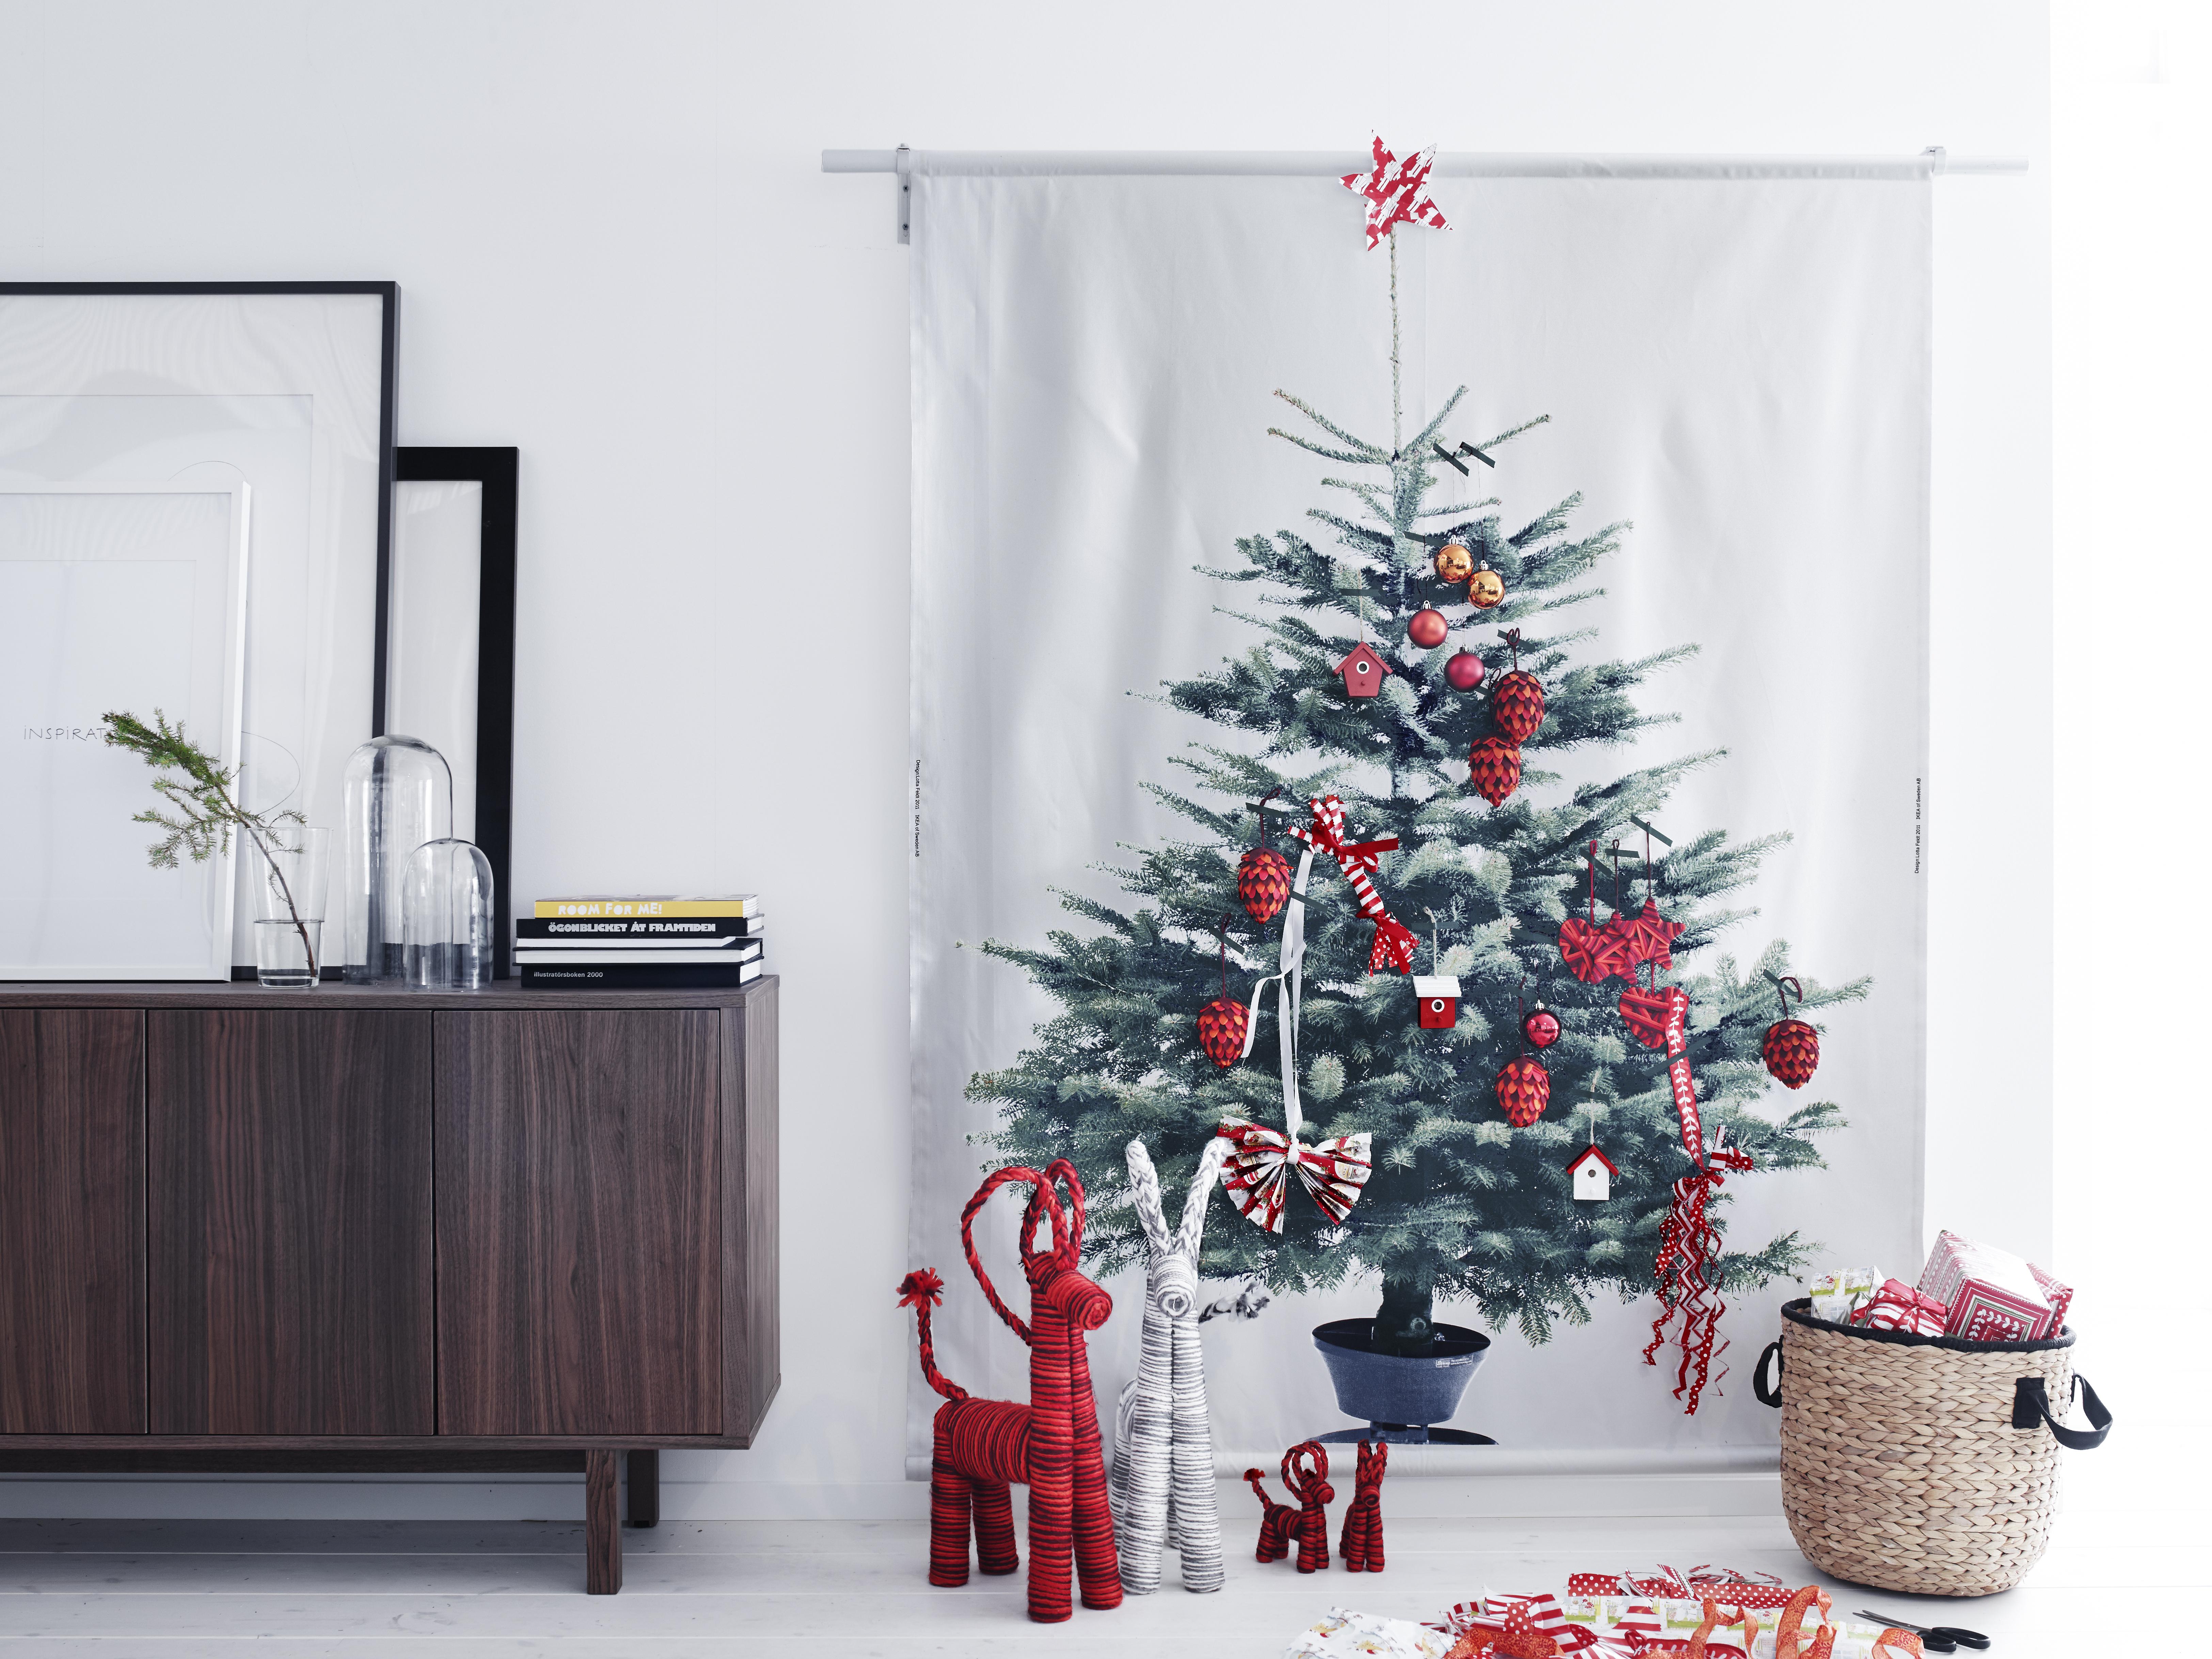 Kerstcollectie ikea 2014: samen je huis versieren!